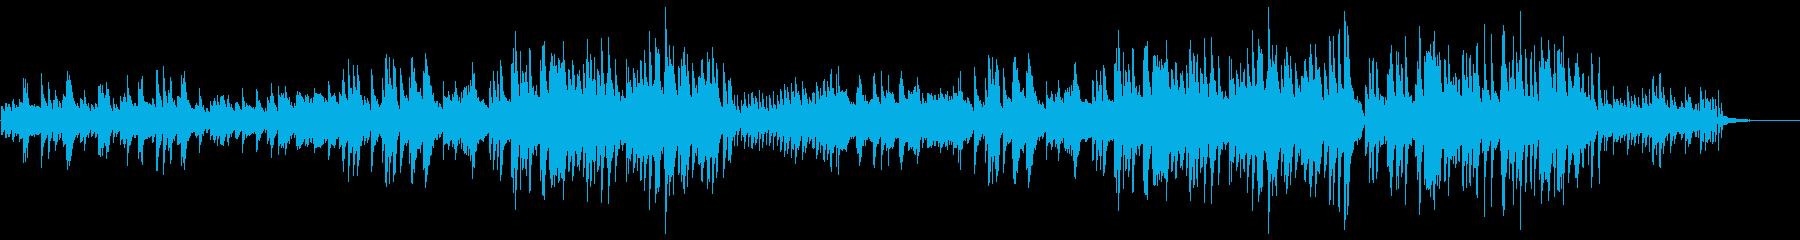 壮大で感動的な心にグッとくるピアノソロ1の再生済みの波形